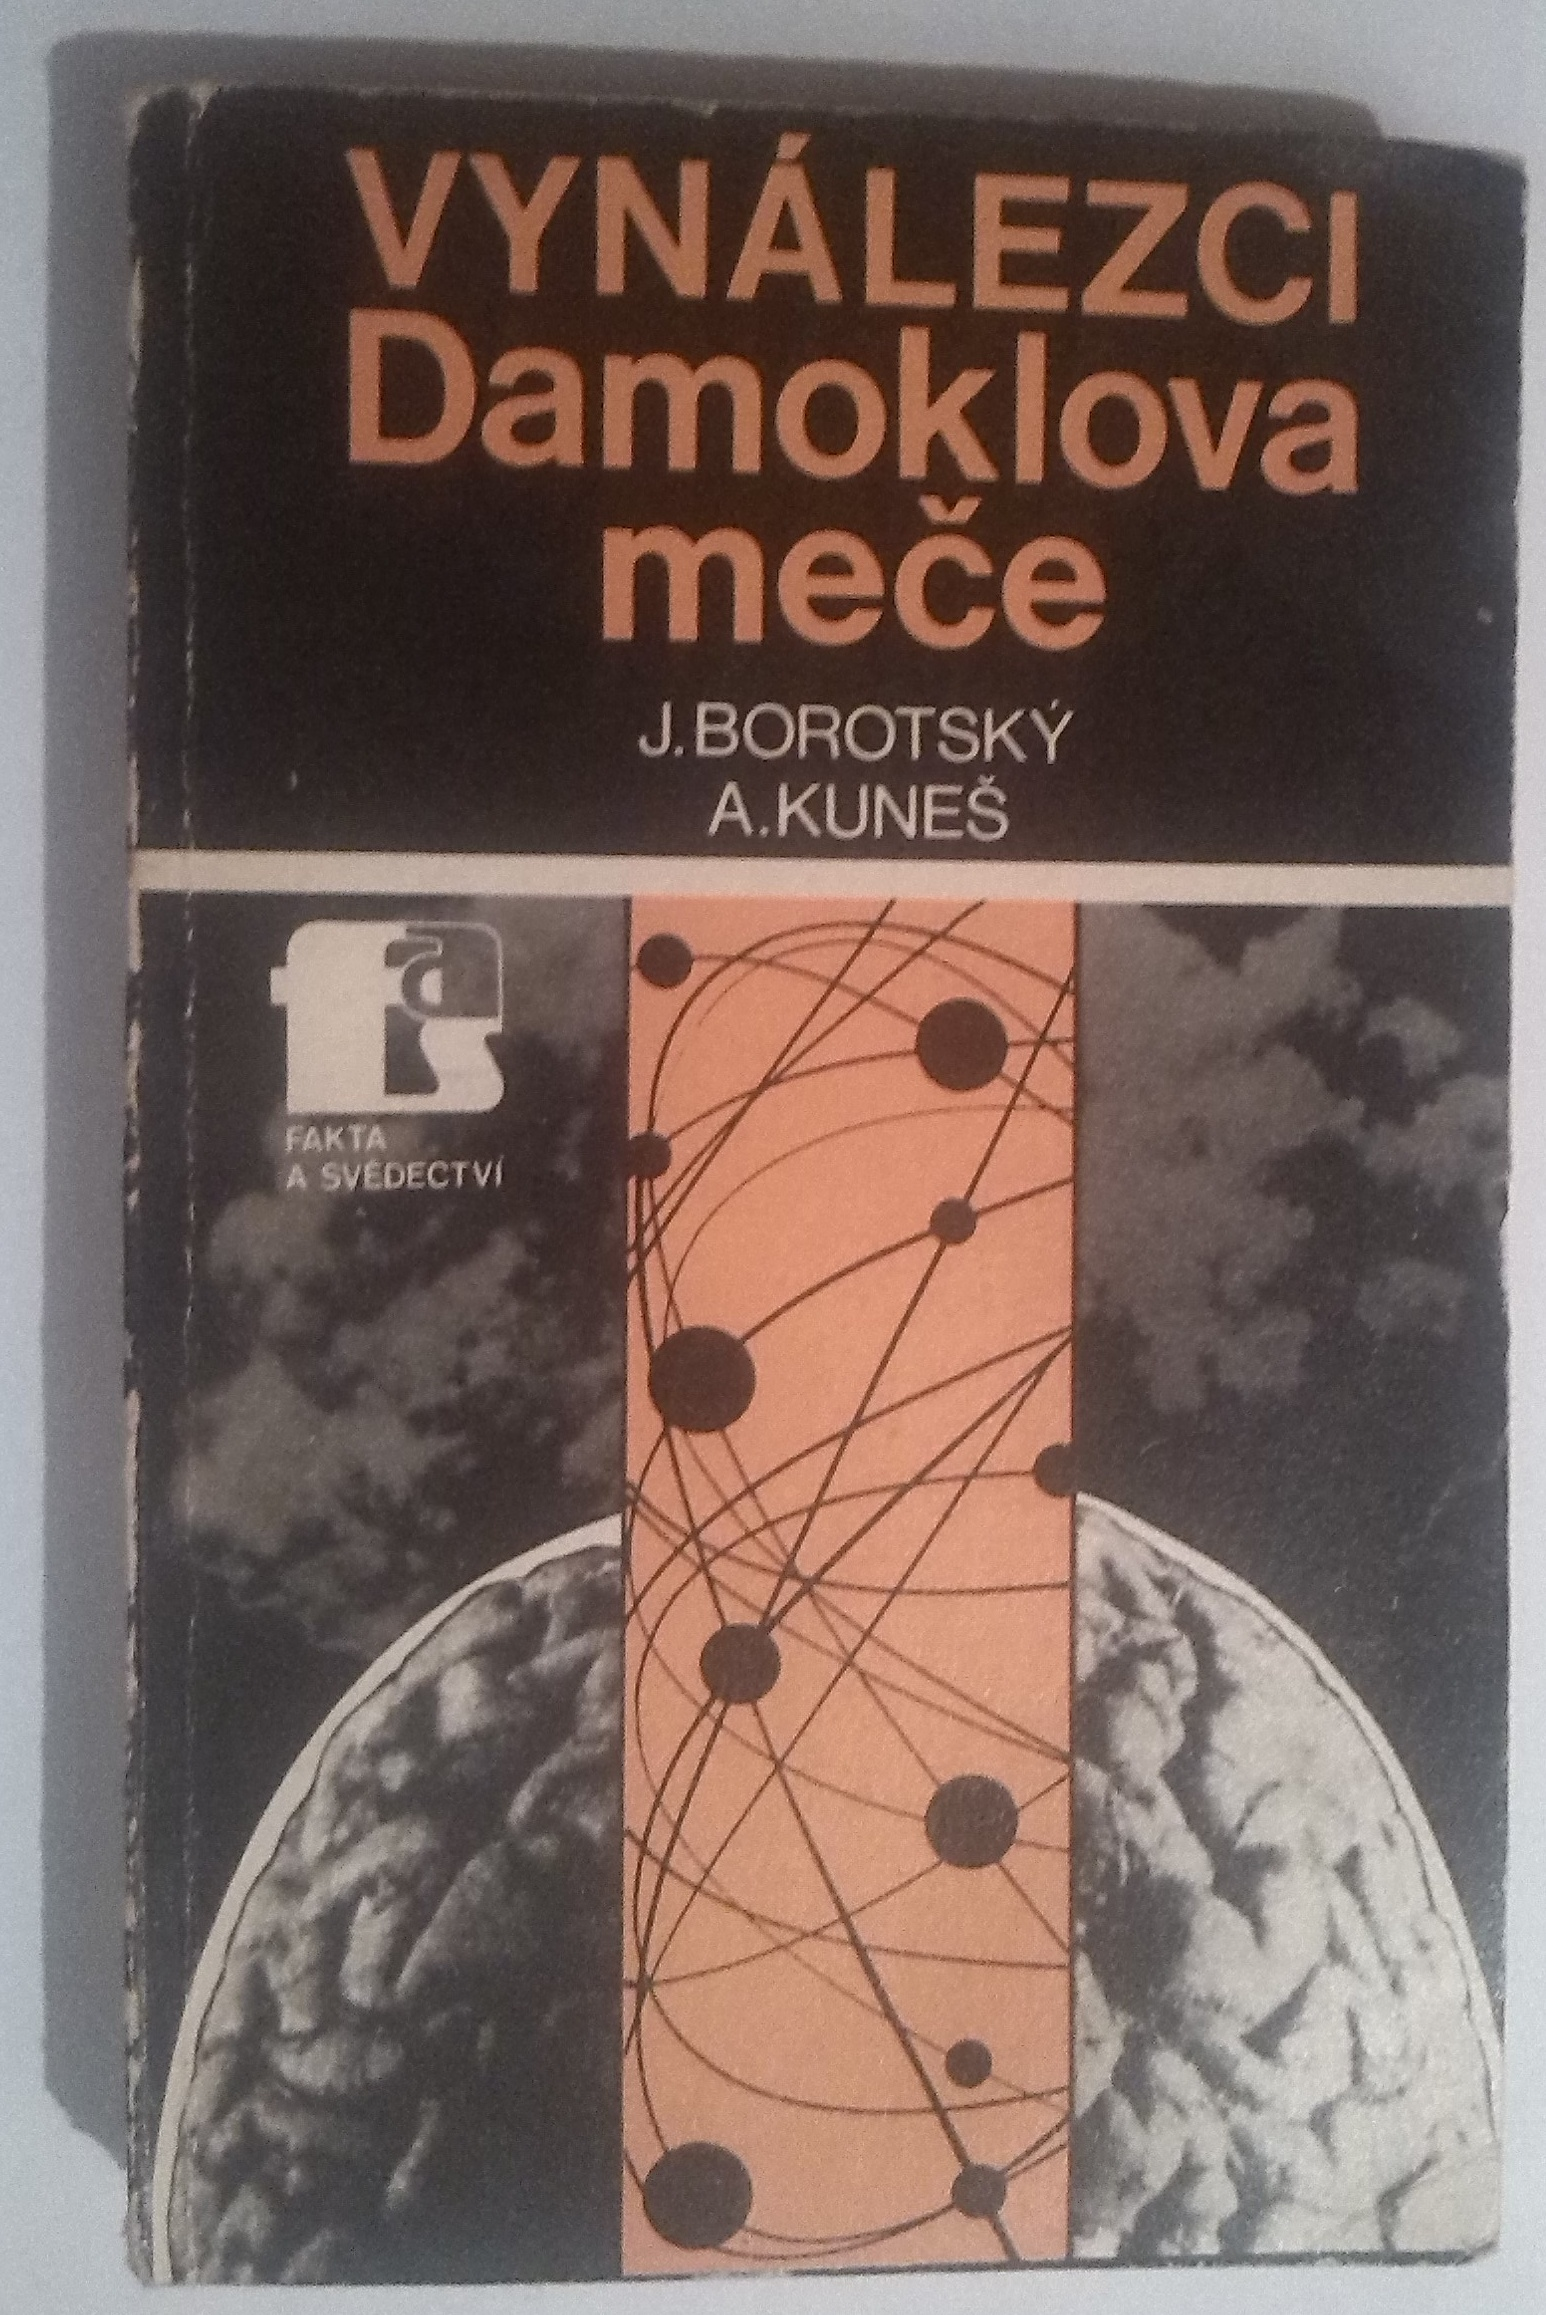 Vynálezci Damoklova meče - J. Borotský, A. Kuneš